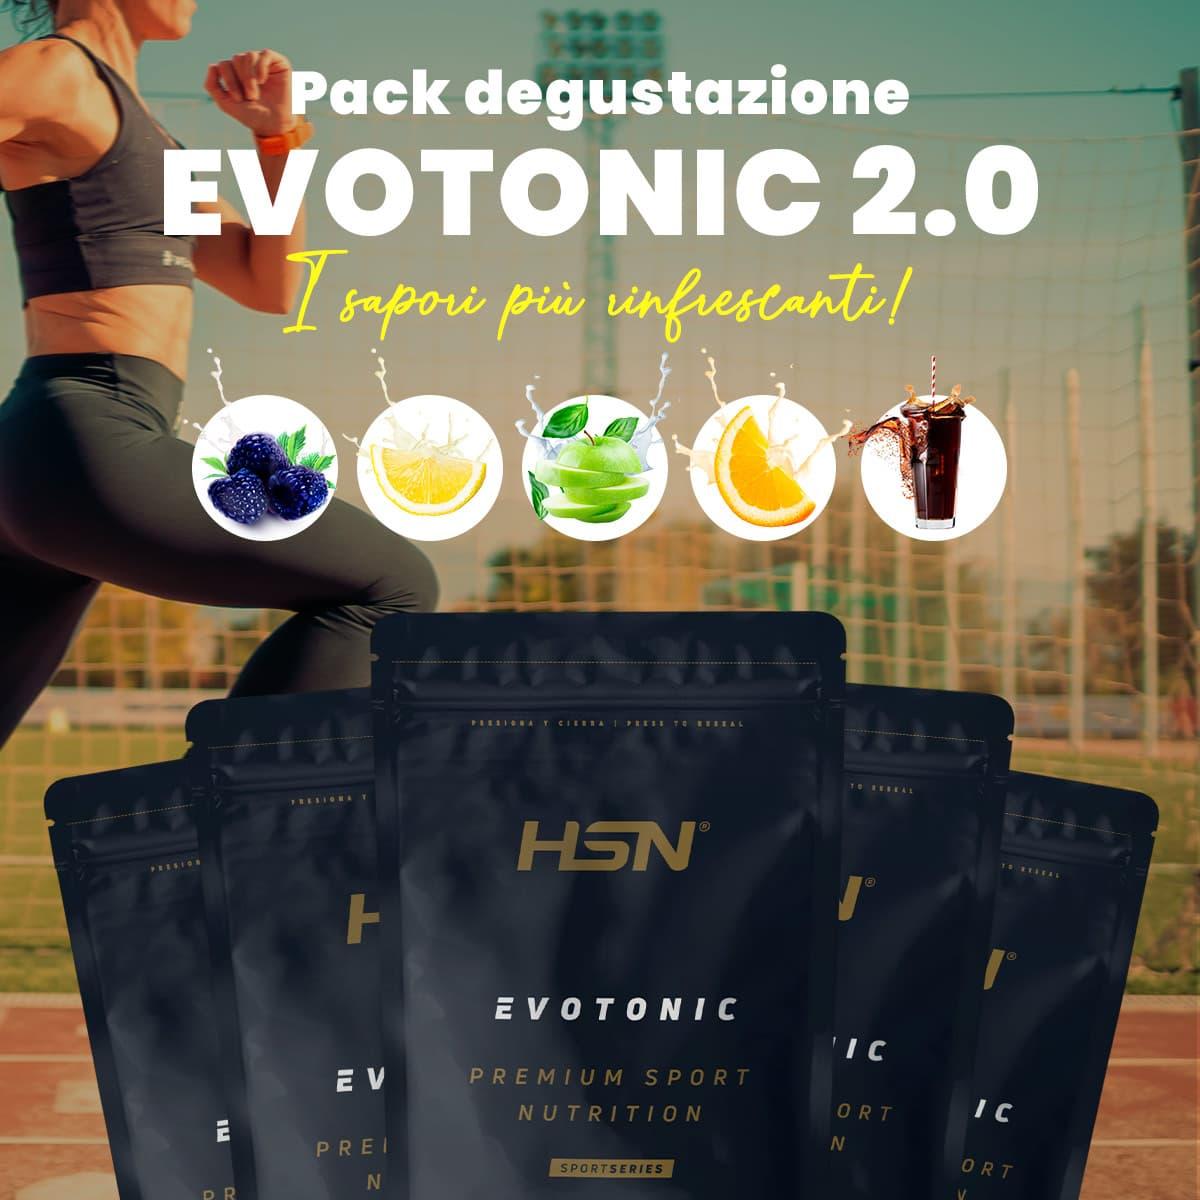 Evotonic 2.0 - Pack Degustazione